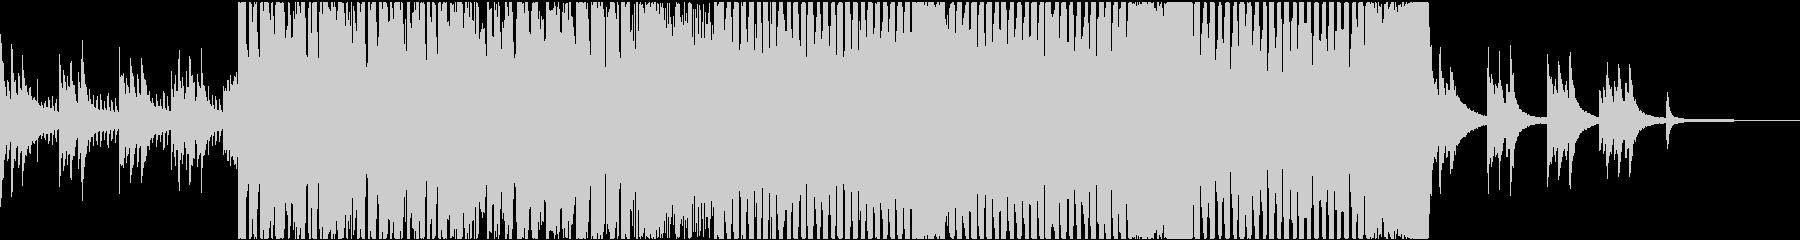 和モノ切ない系ブチ上がりEDMの未再生の波形